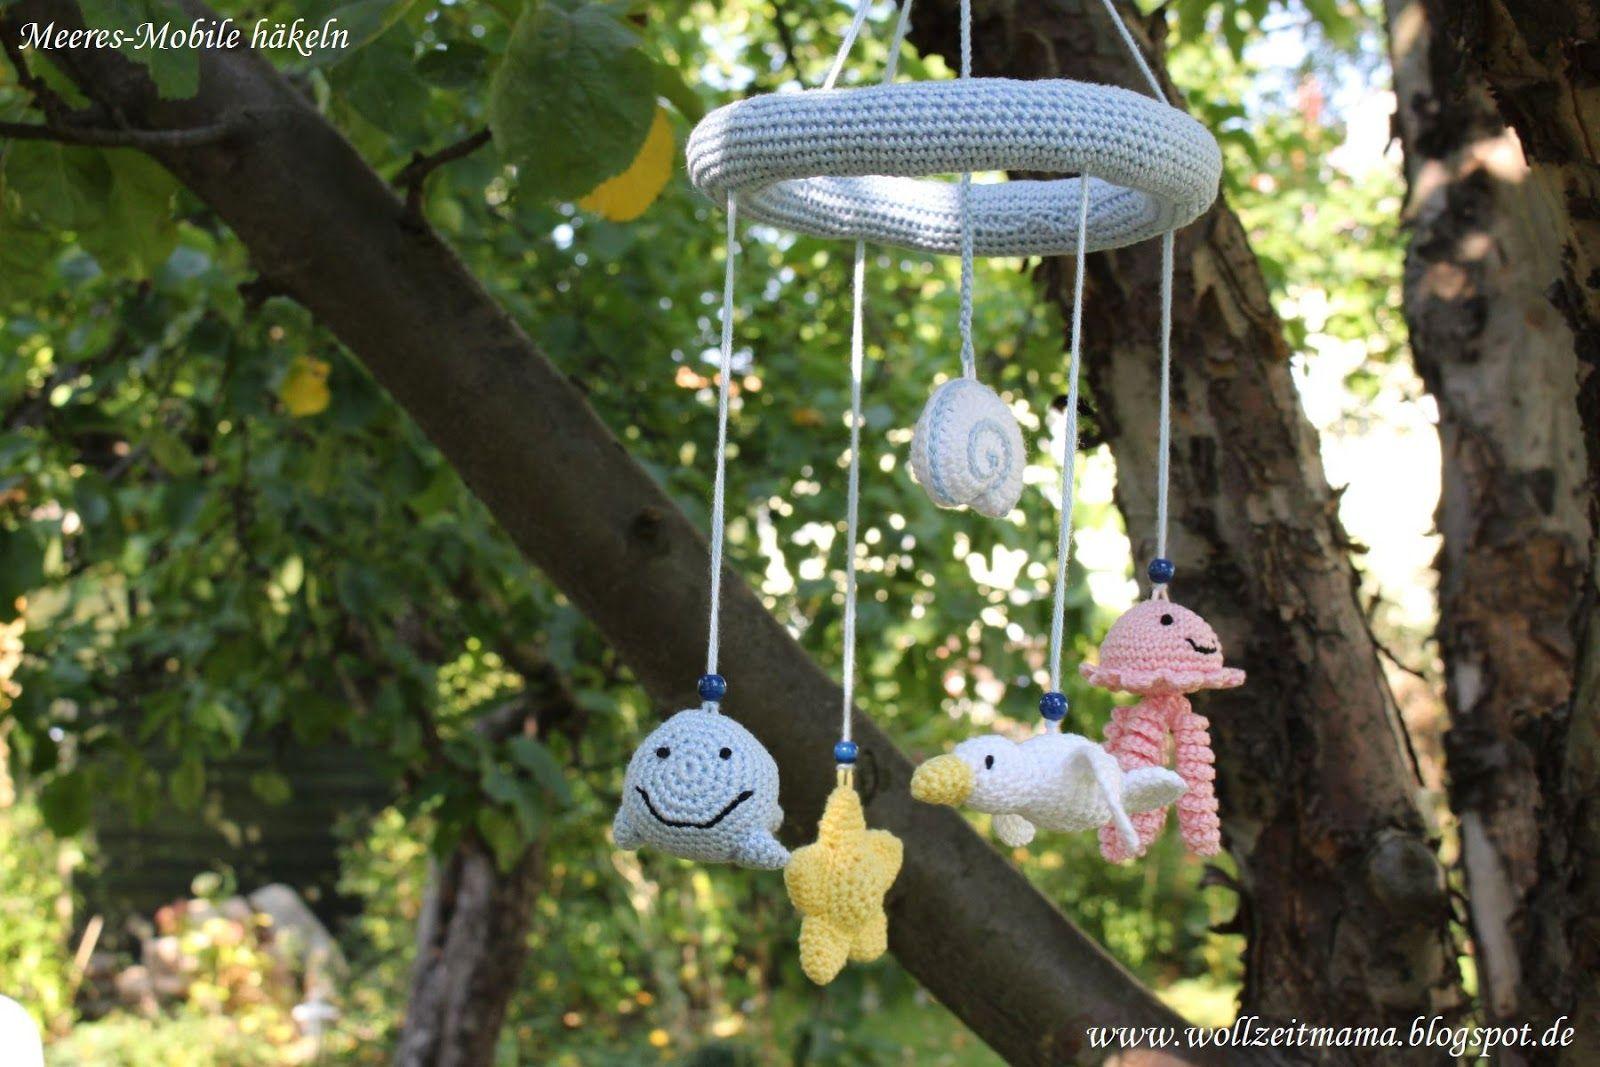 Häkeln Für Kinder Mobile Mit Meerestieren Amigurumi